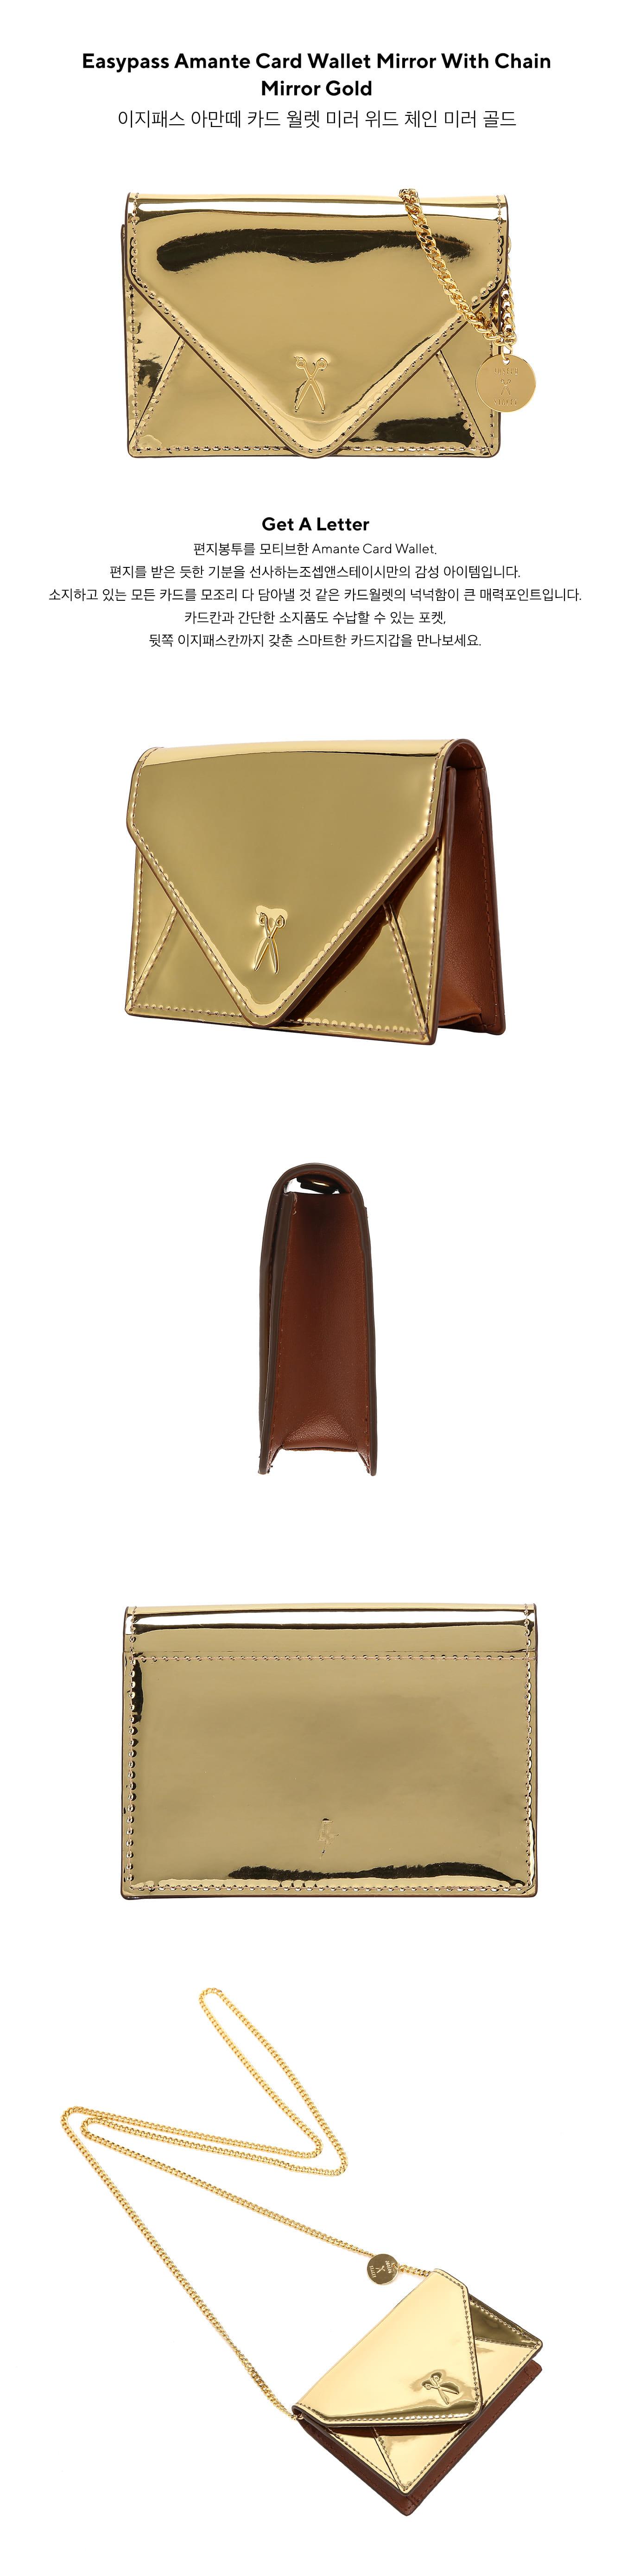 조셉앤스테이시(JOSEPH&STACEY) Easypass Amante Card Wallet with Chain Mirror Gold